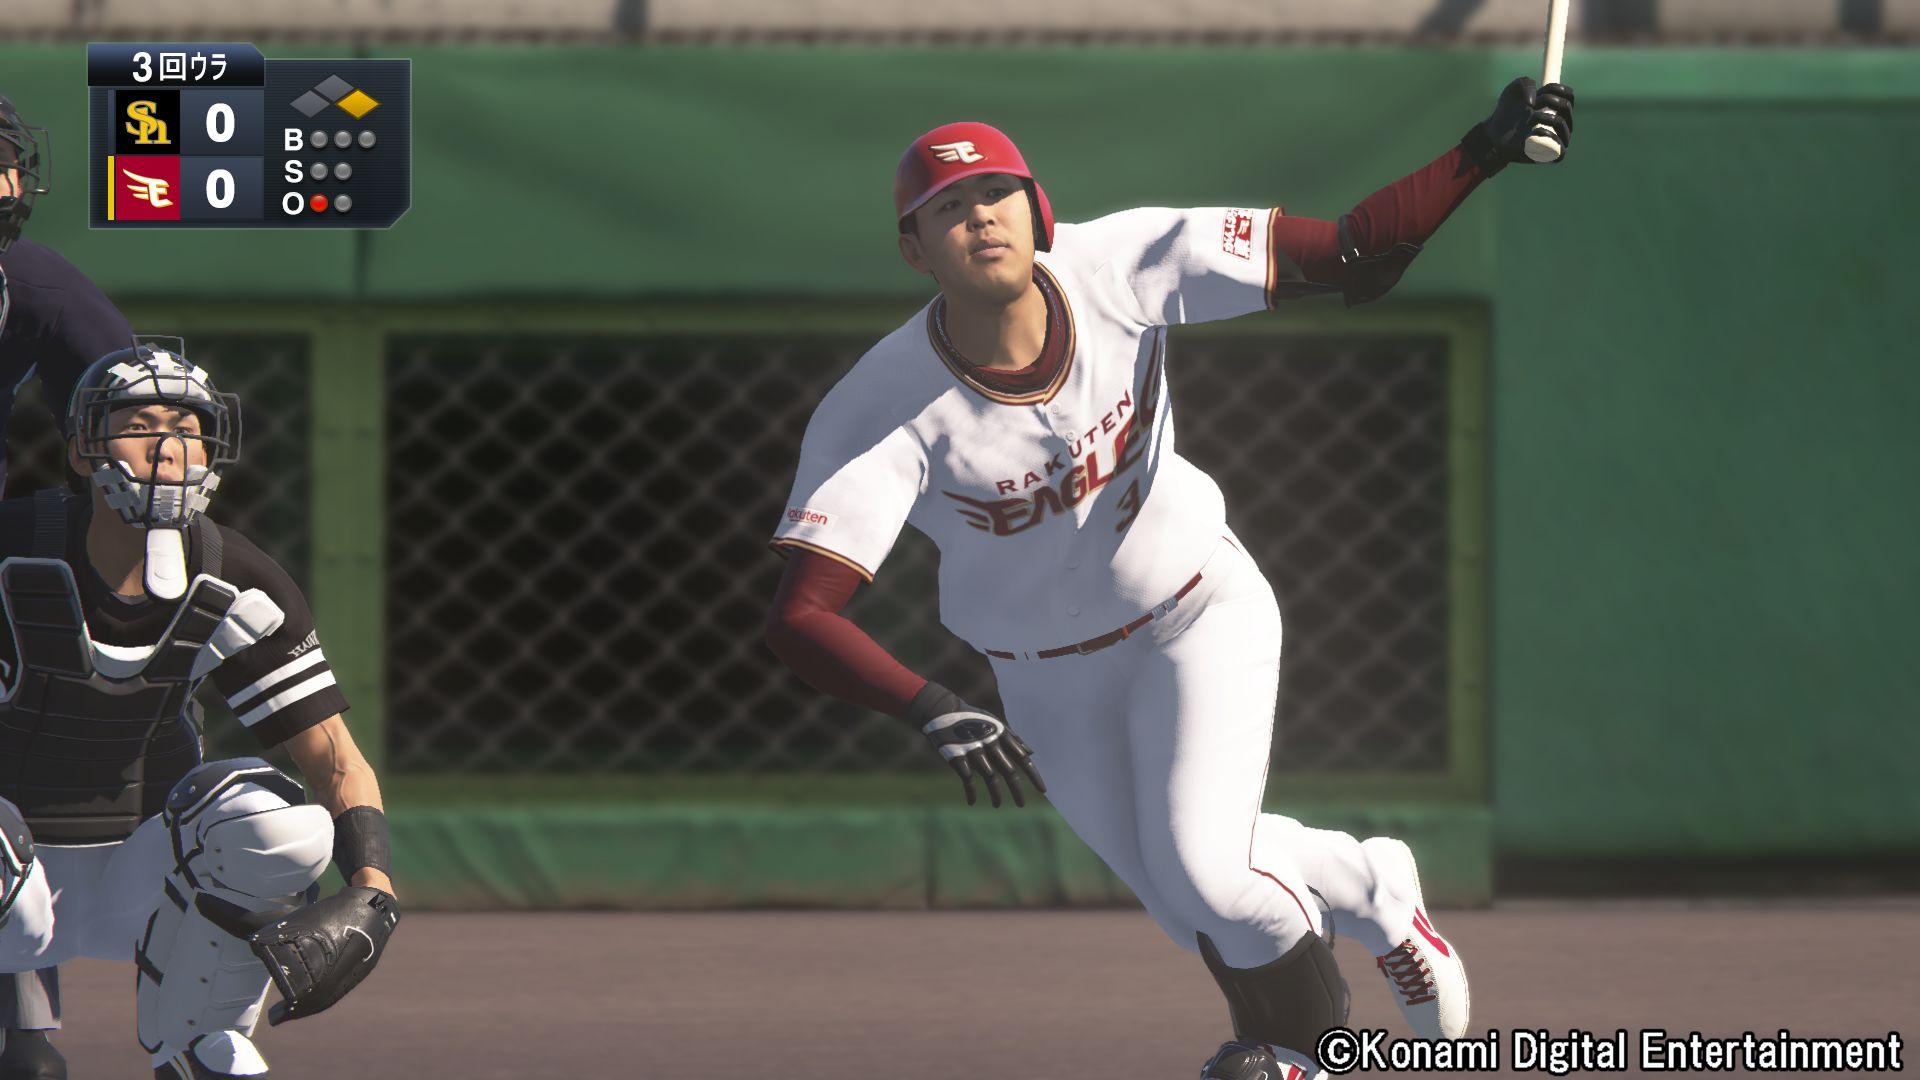 拡大画像 プロ野球スピリッツ シリーズ最新作ps4 Ps Vita プロ野球スピリッツ19 発売日決定 7 11 Game Watch